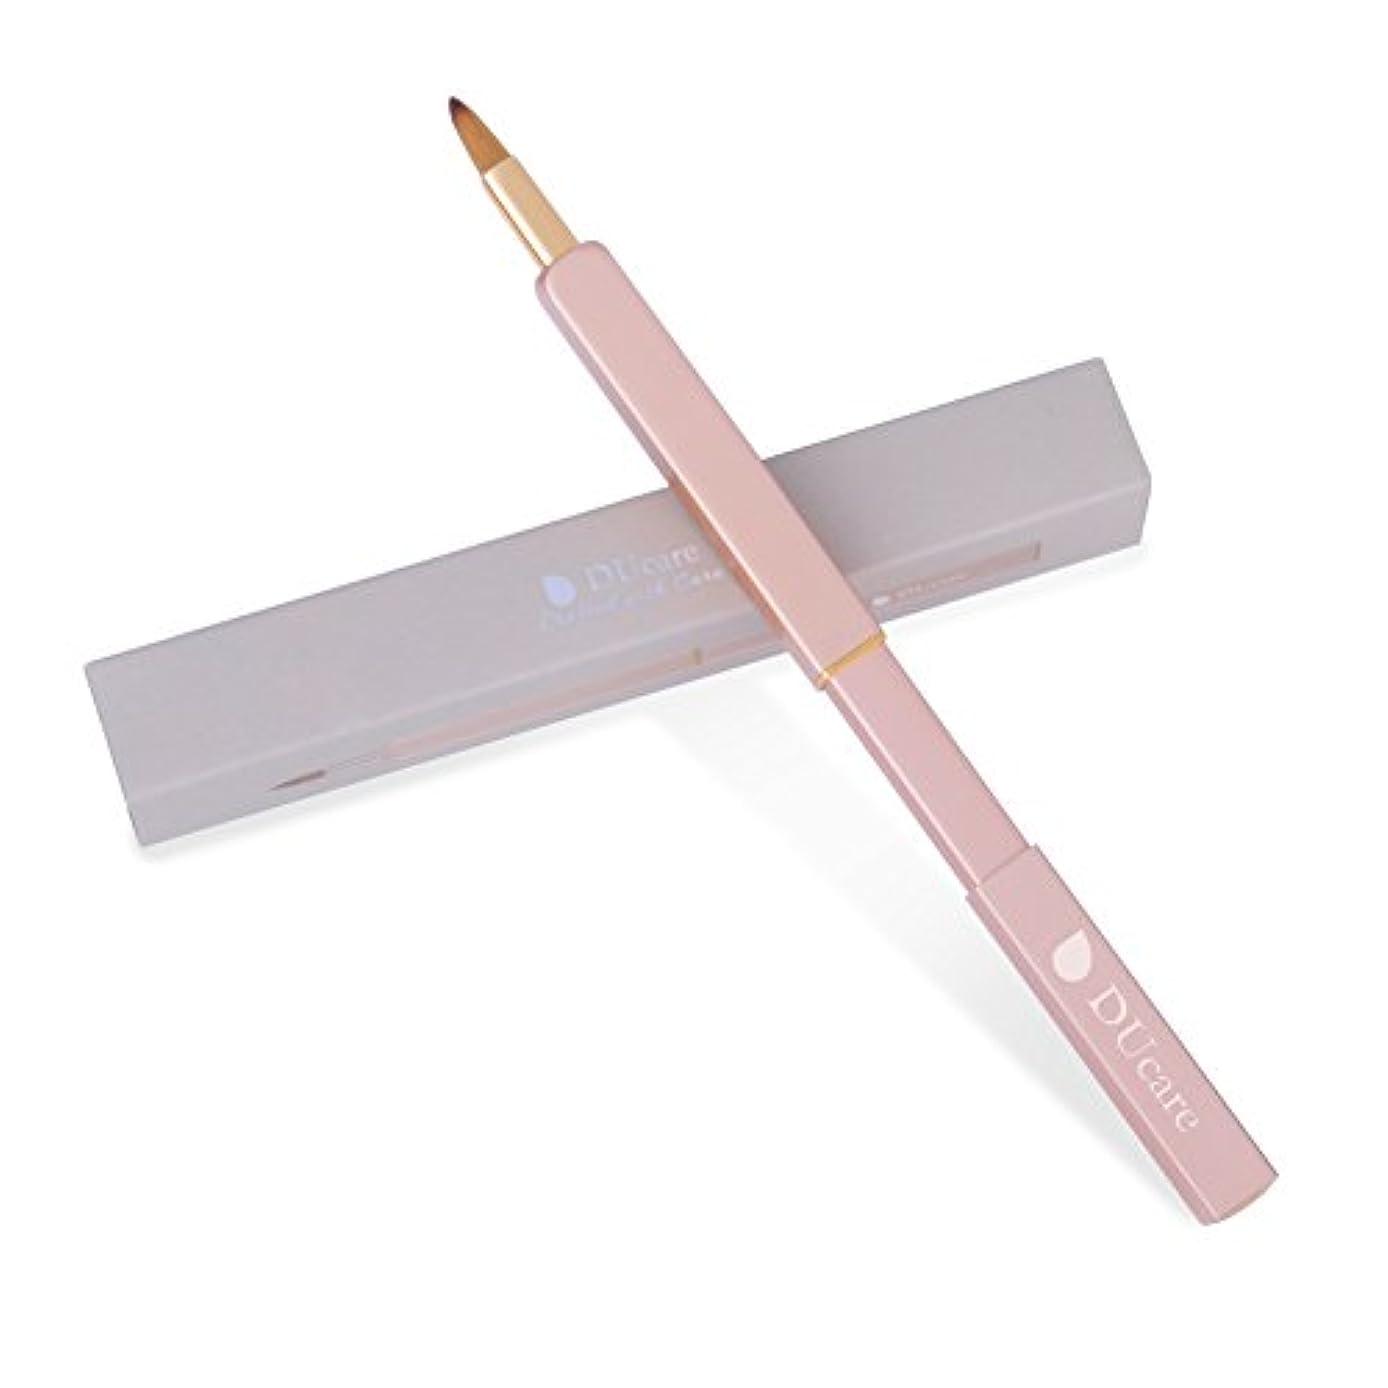 アレルギーおしゃれなファイバDUcare ドゥケア 化粧筆 携帯用リップブラシ スライド式 ゴージャズなシャンペン色 欧米セレブの間で爆発的な人気を呼んでいる